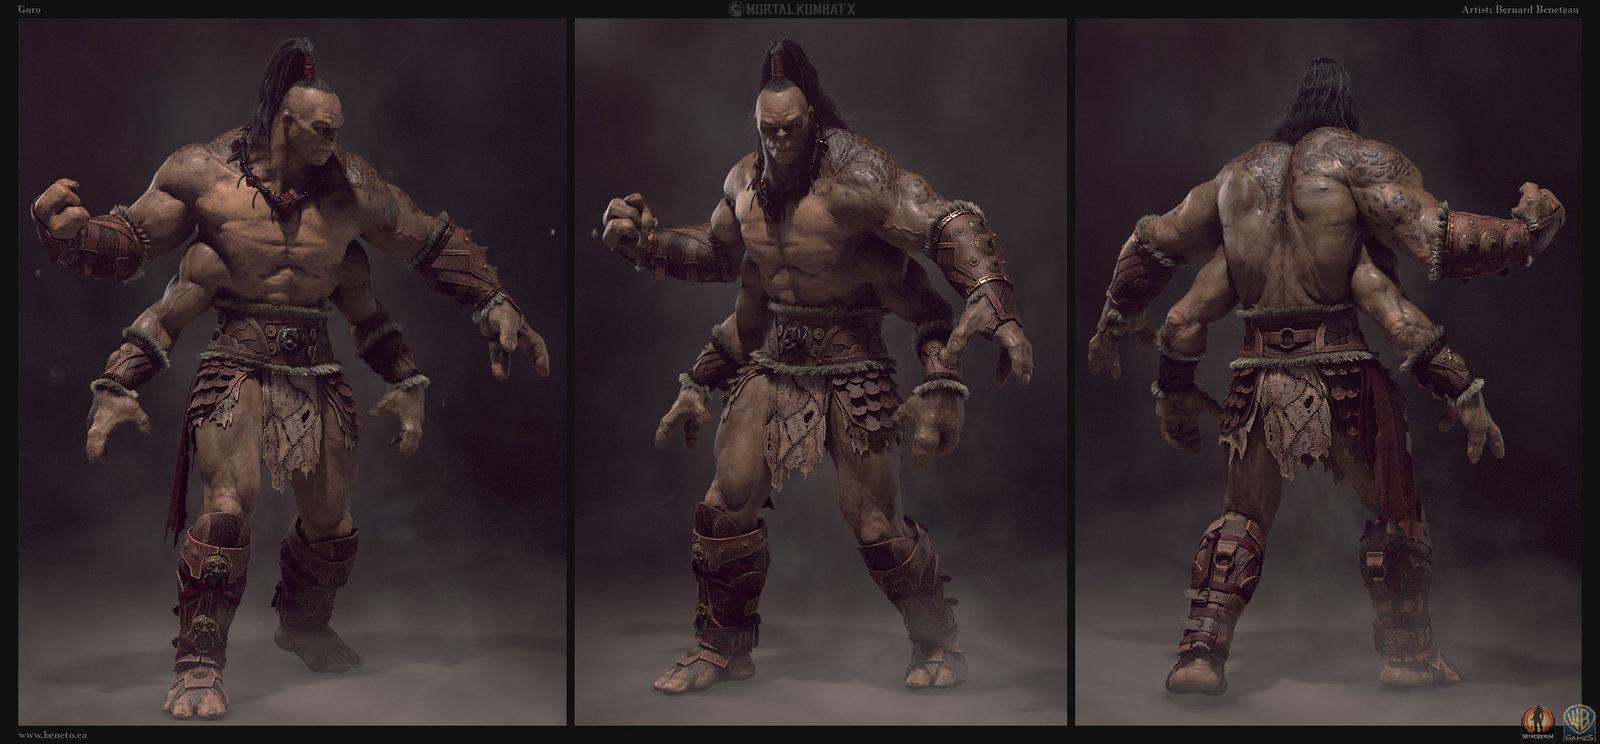 goro mortal kombat movie costume